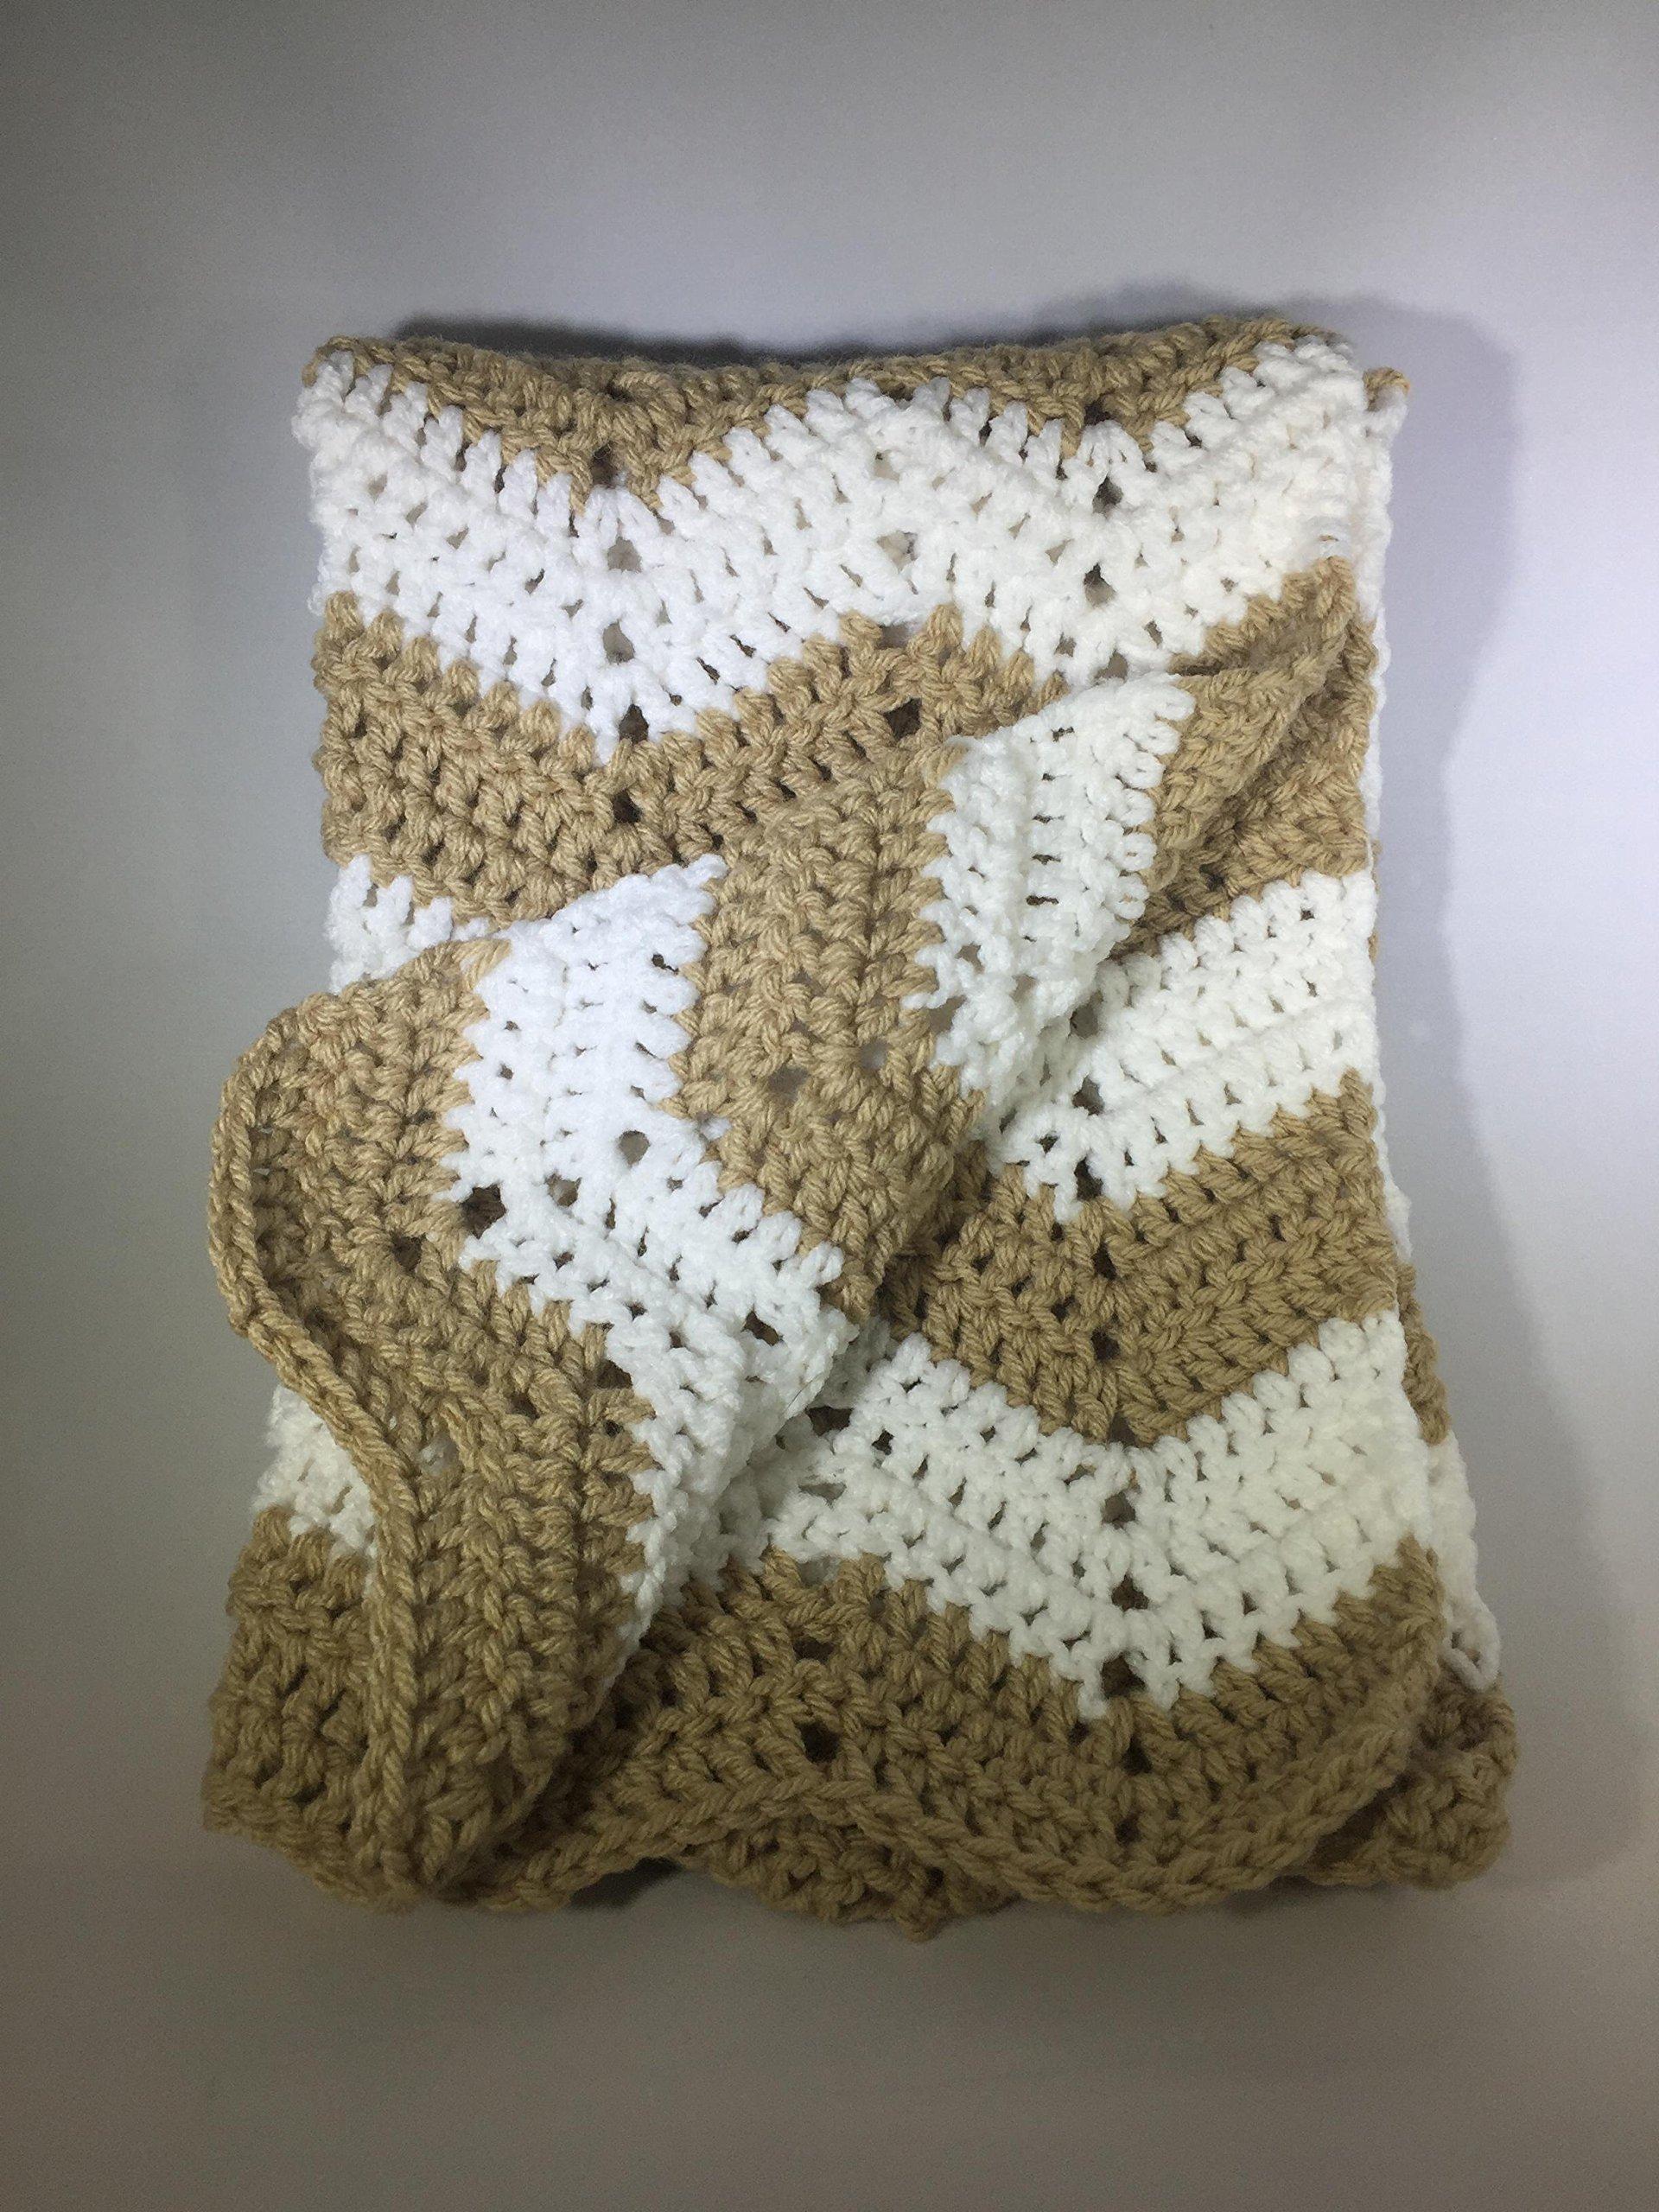 Chevron Baby Blanket - White/Tan